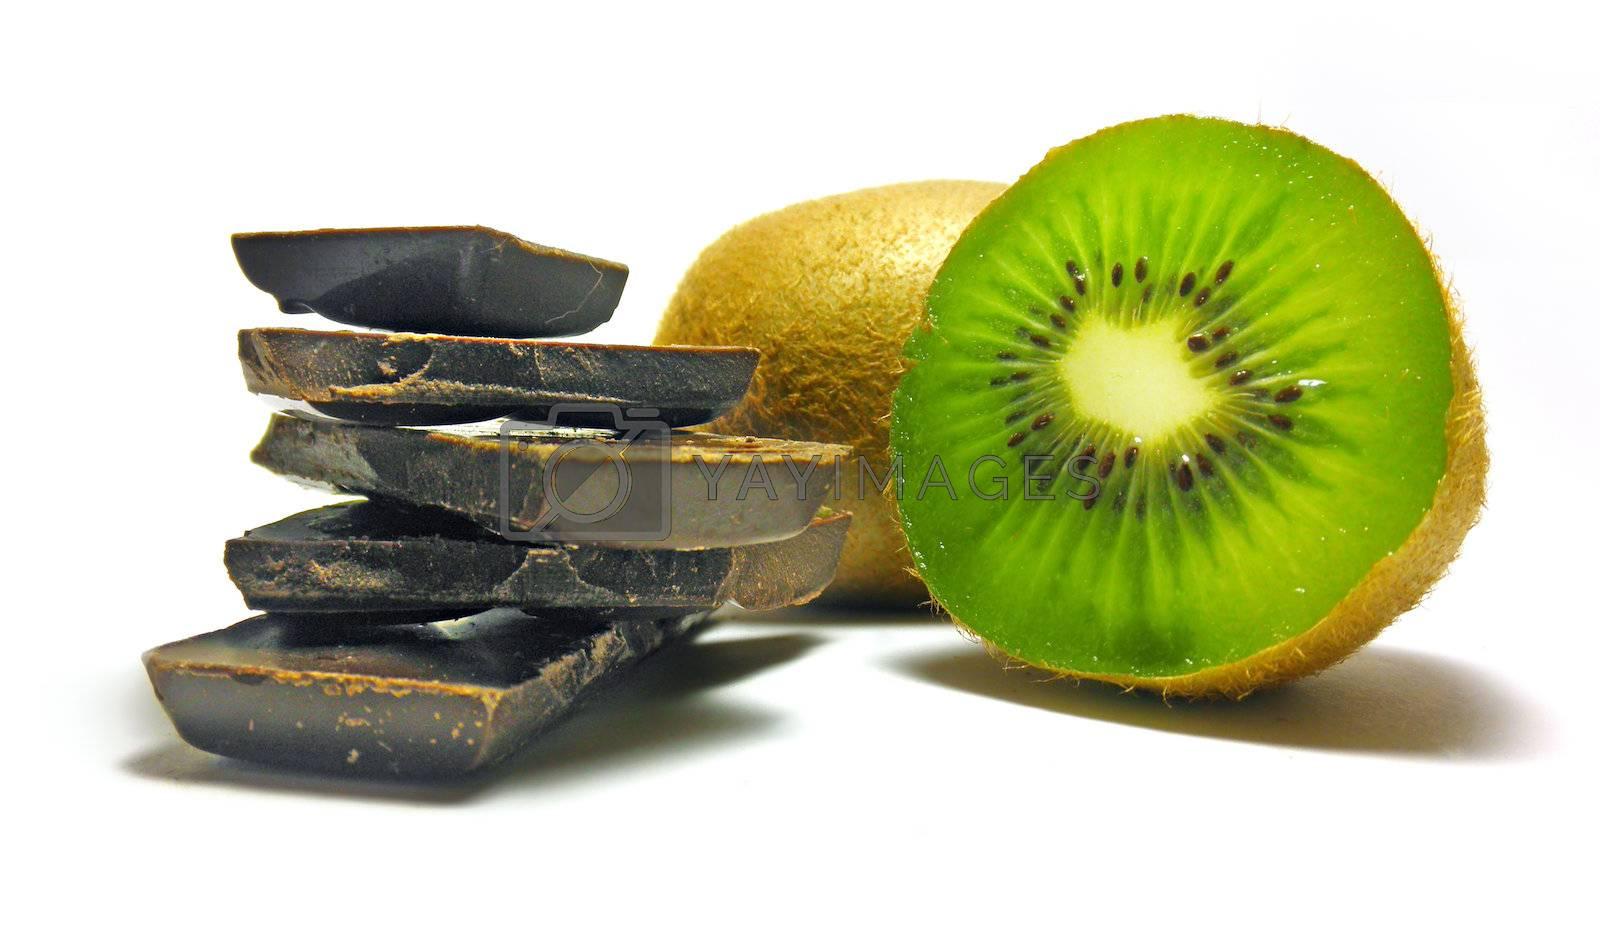 chocolate with kiwi isolated on white background